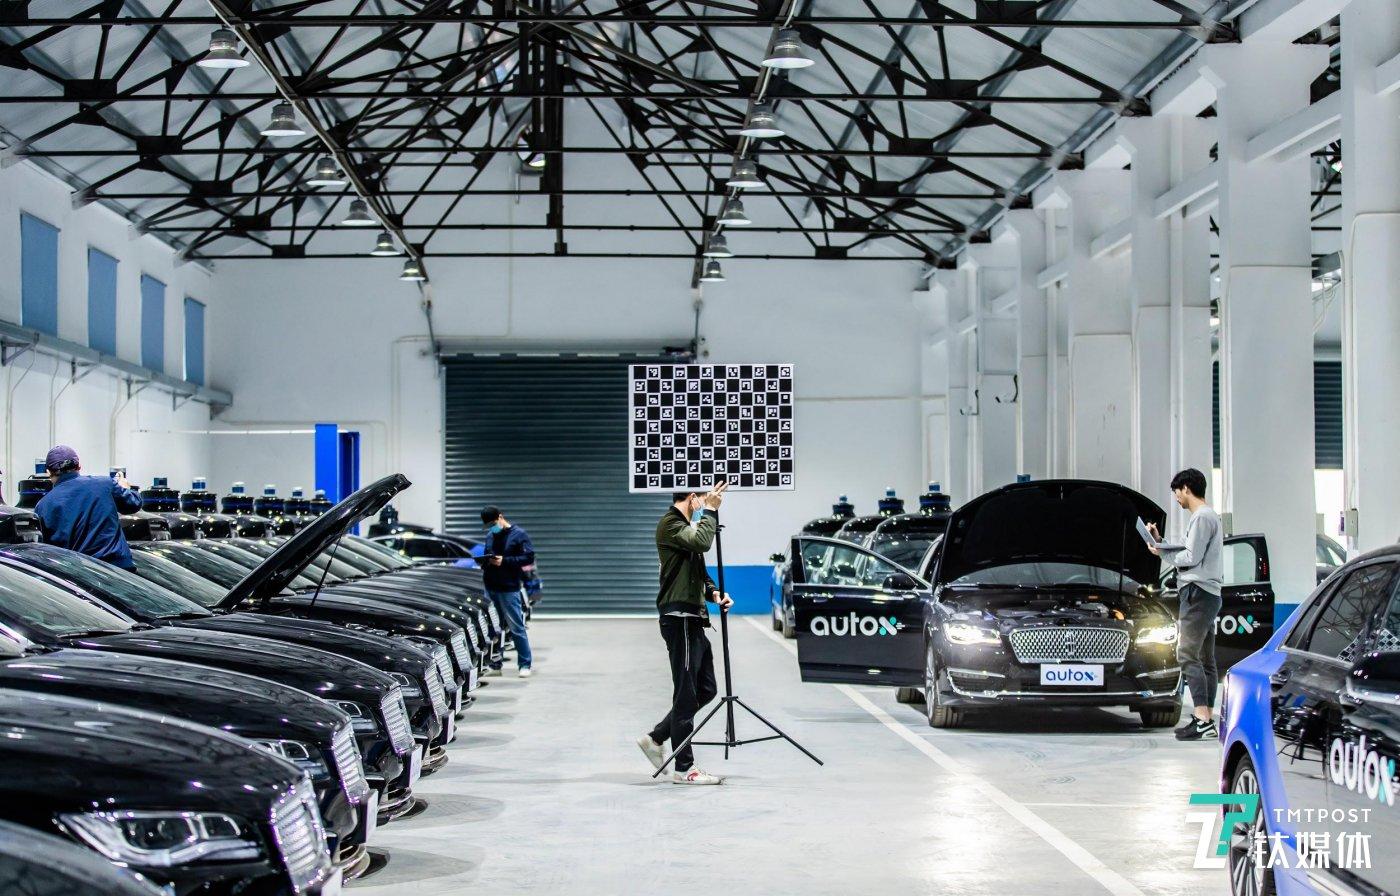 全自动标定装置,确保大批量车队高效技术运维